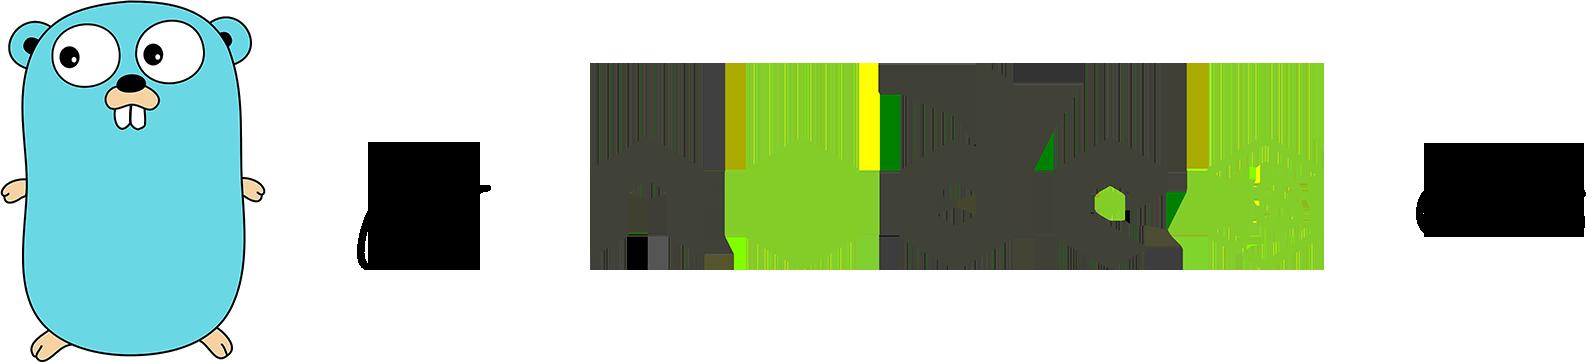 Go for Node.js Developers